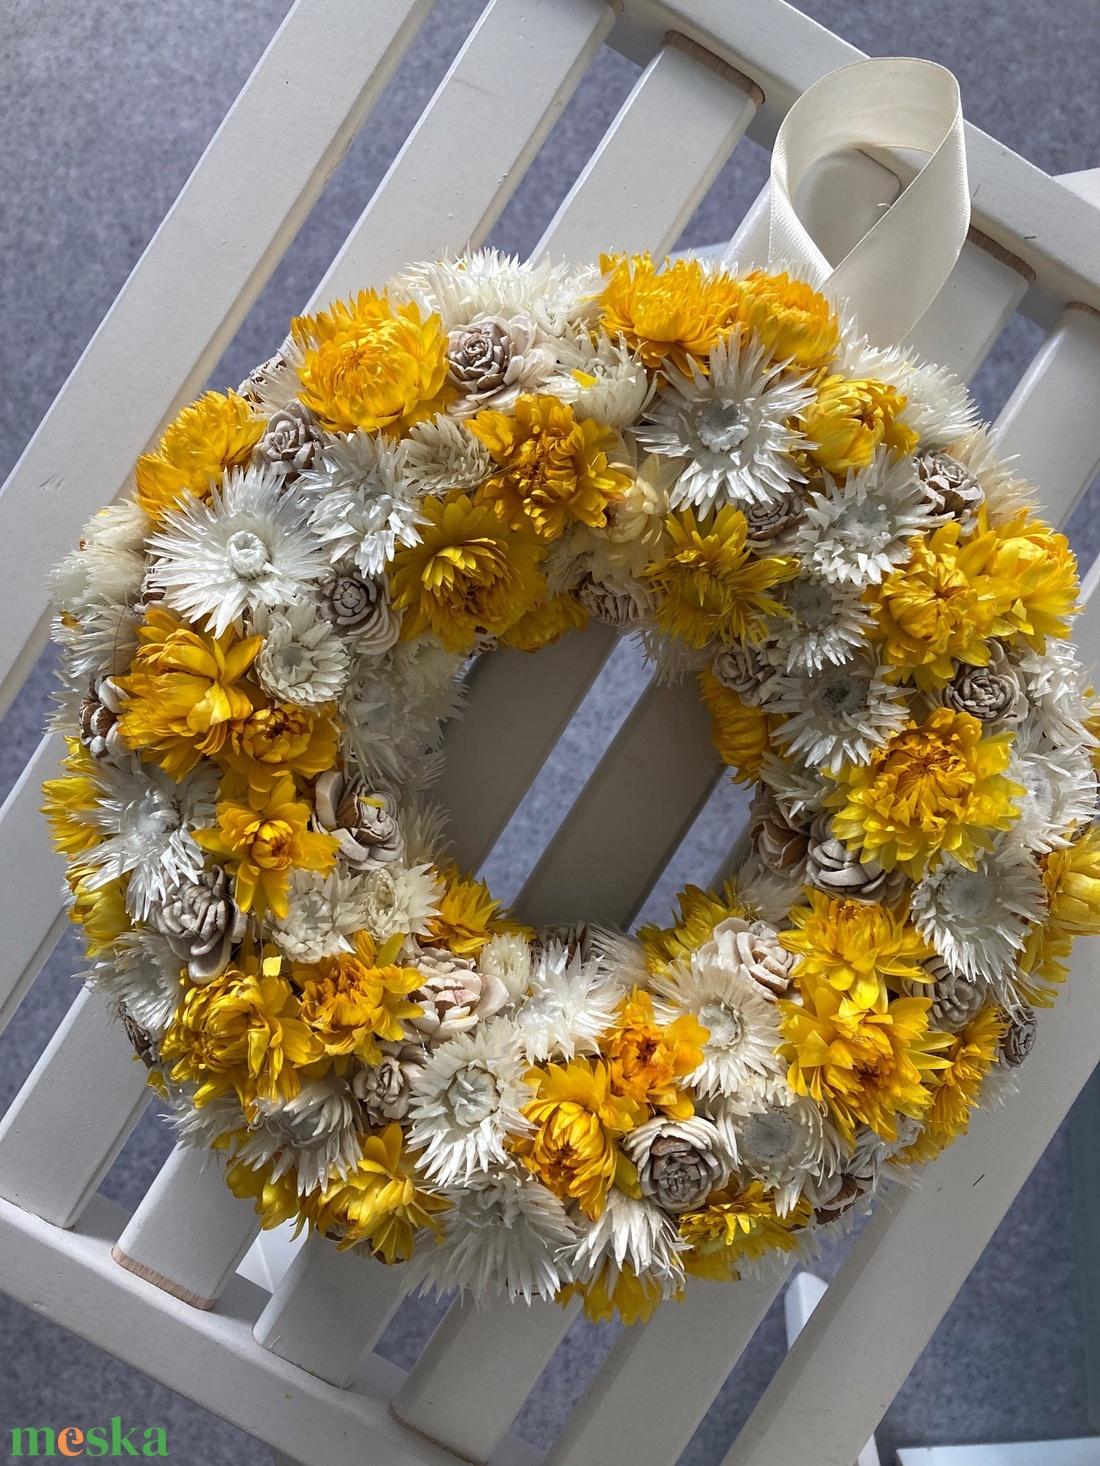 Ajtódísz vagy fali dekoráció száraz virágból - otthon & lakás - dekoráció - ajtódísz & kopogtató - Meska.hu